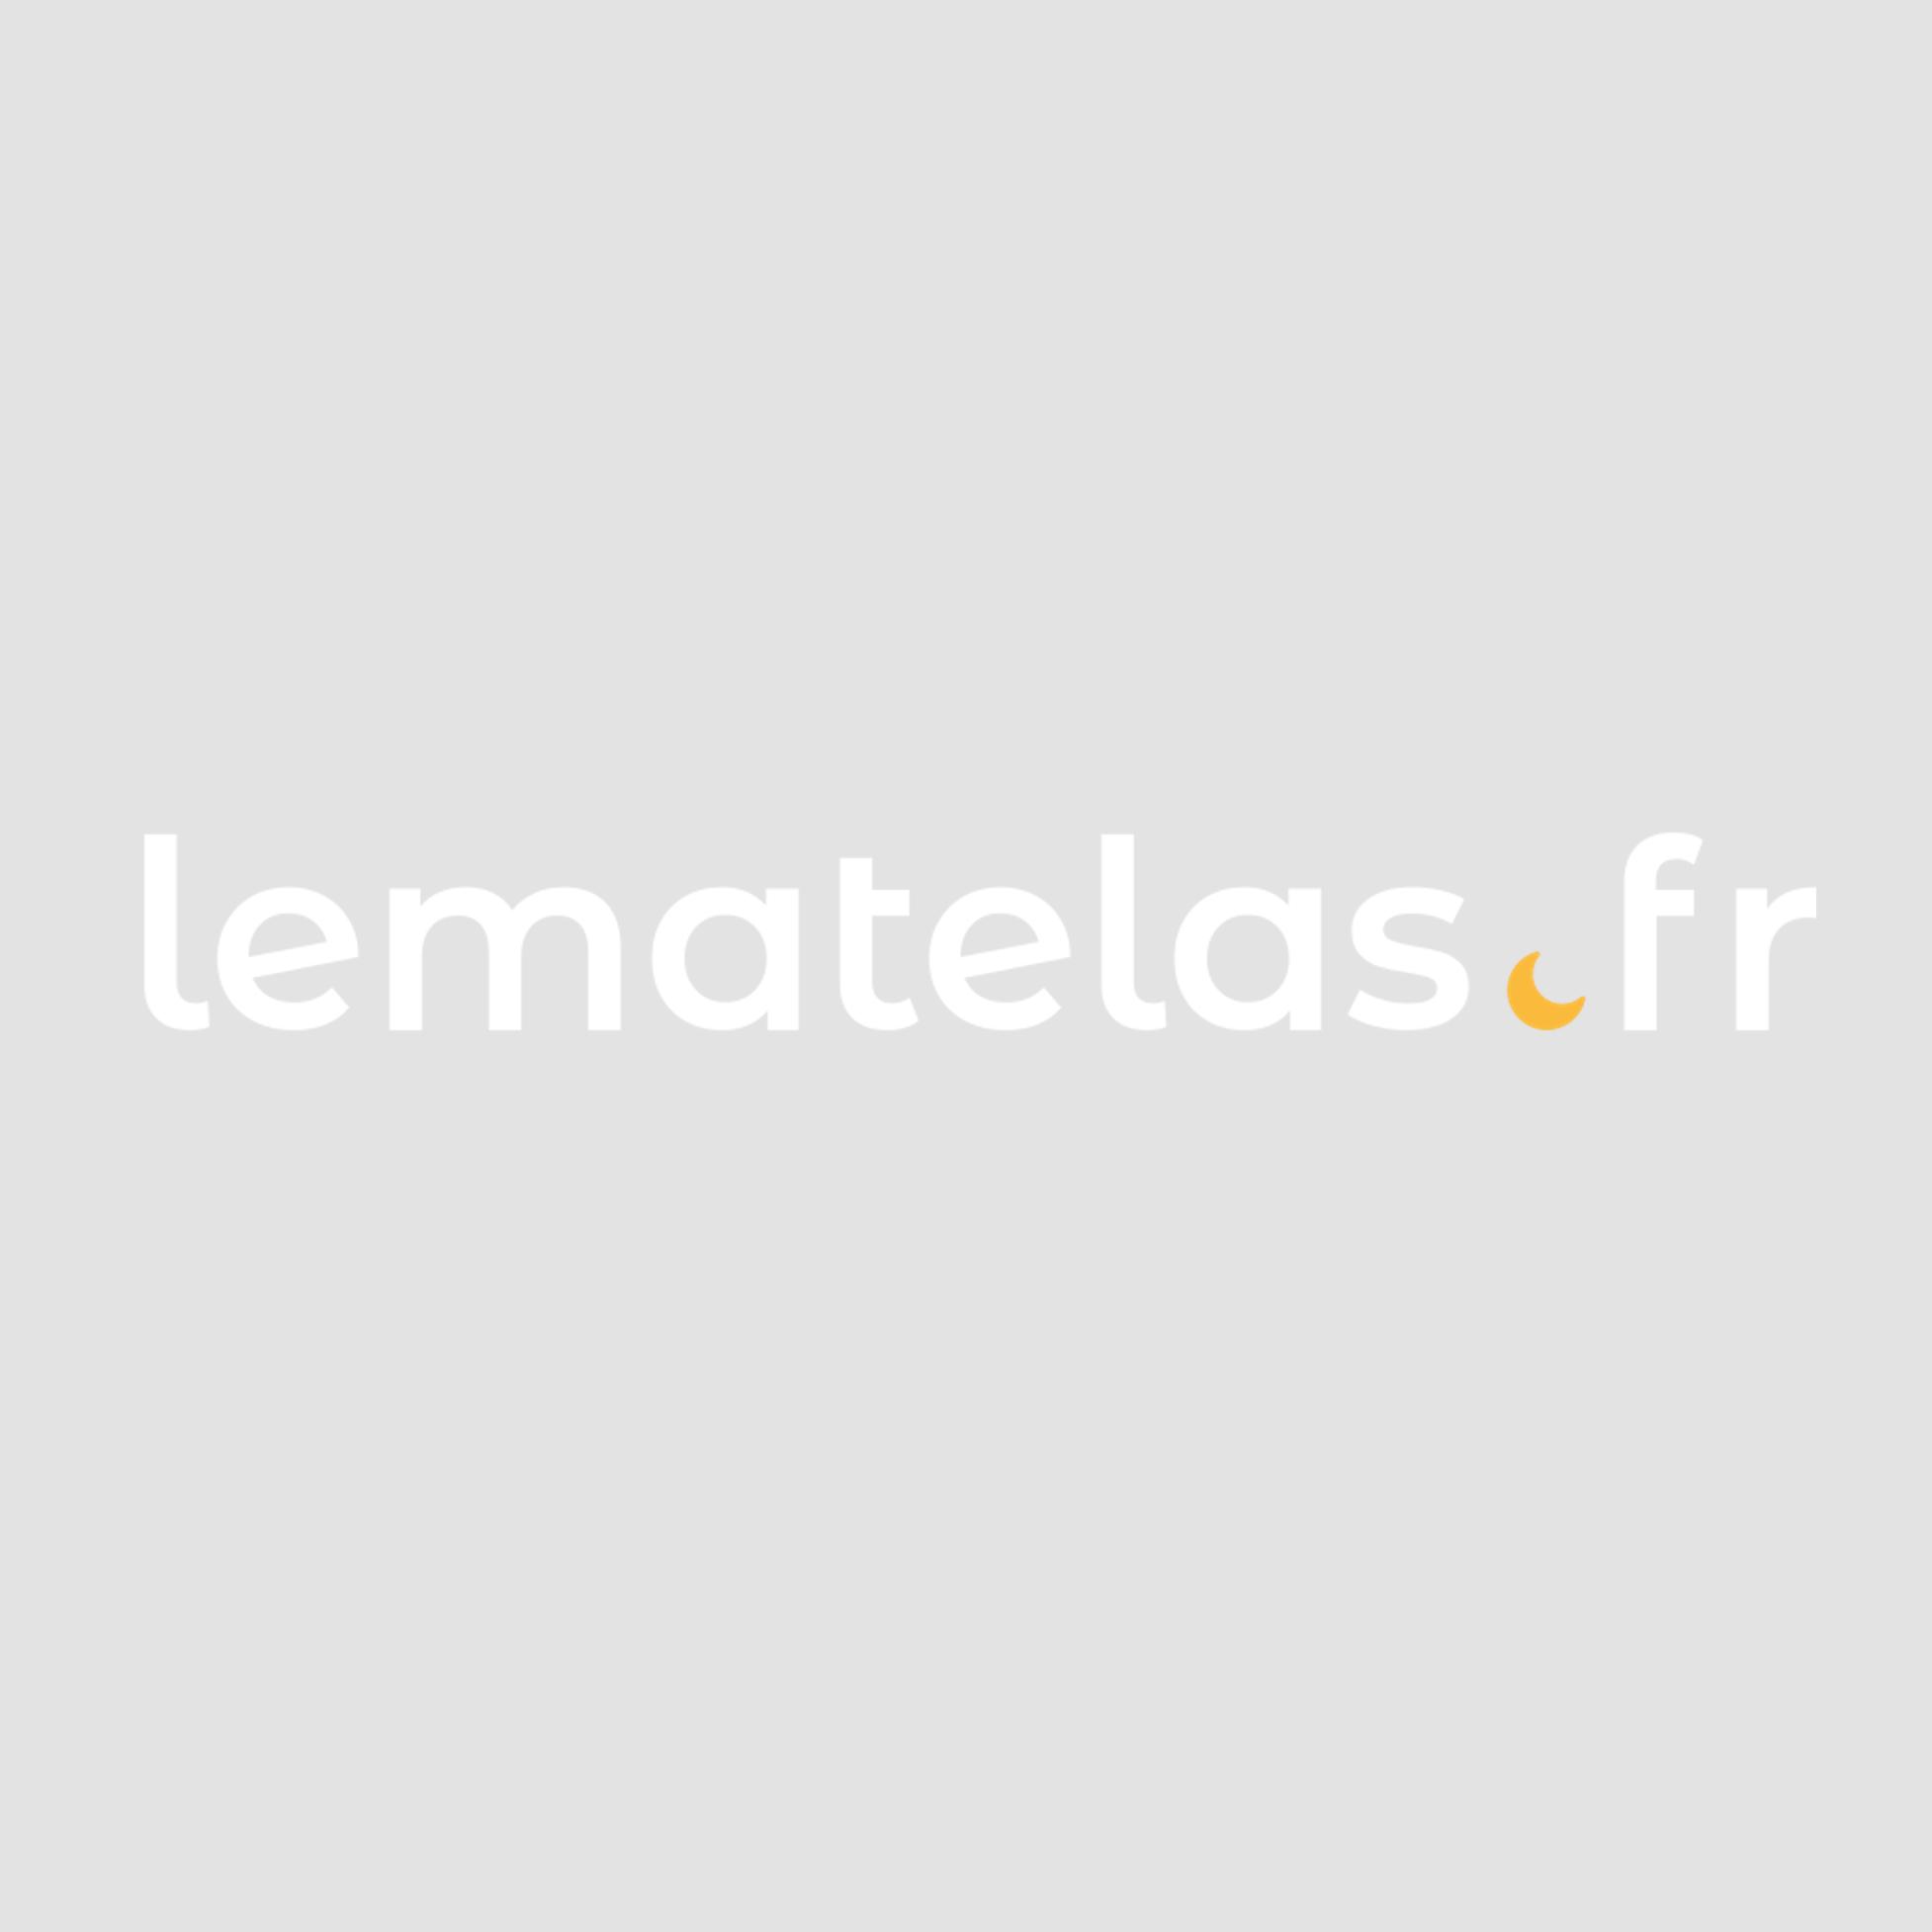 Chambre complète en bois coloris chêne - CB4028